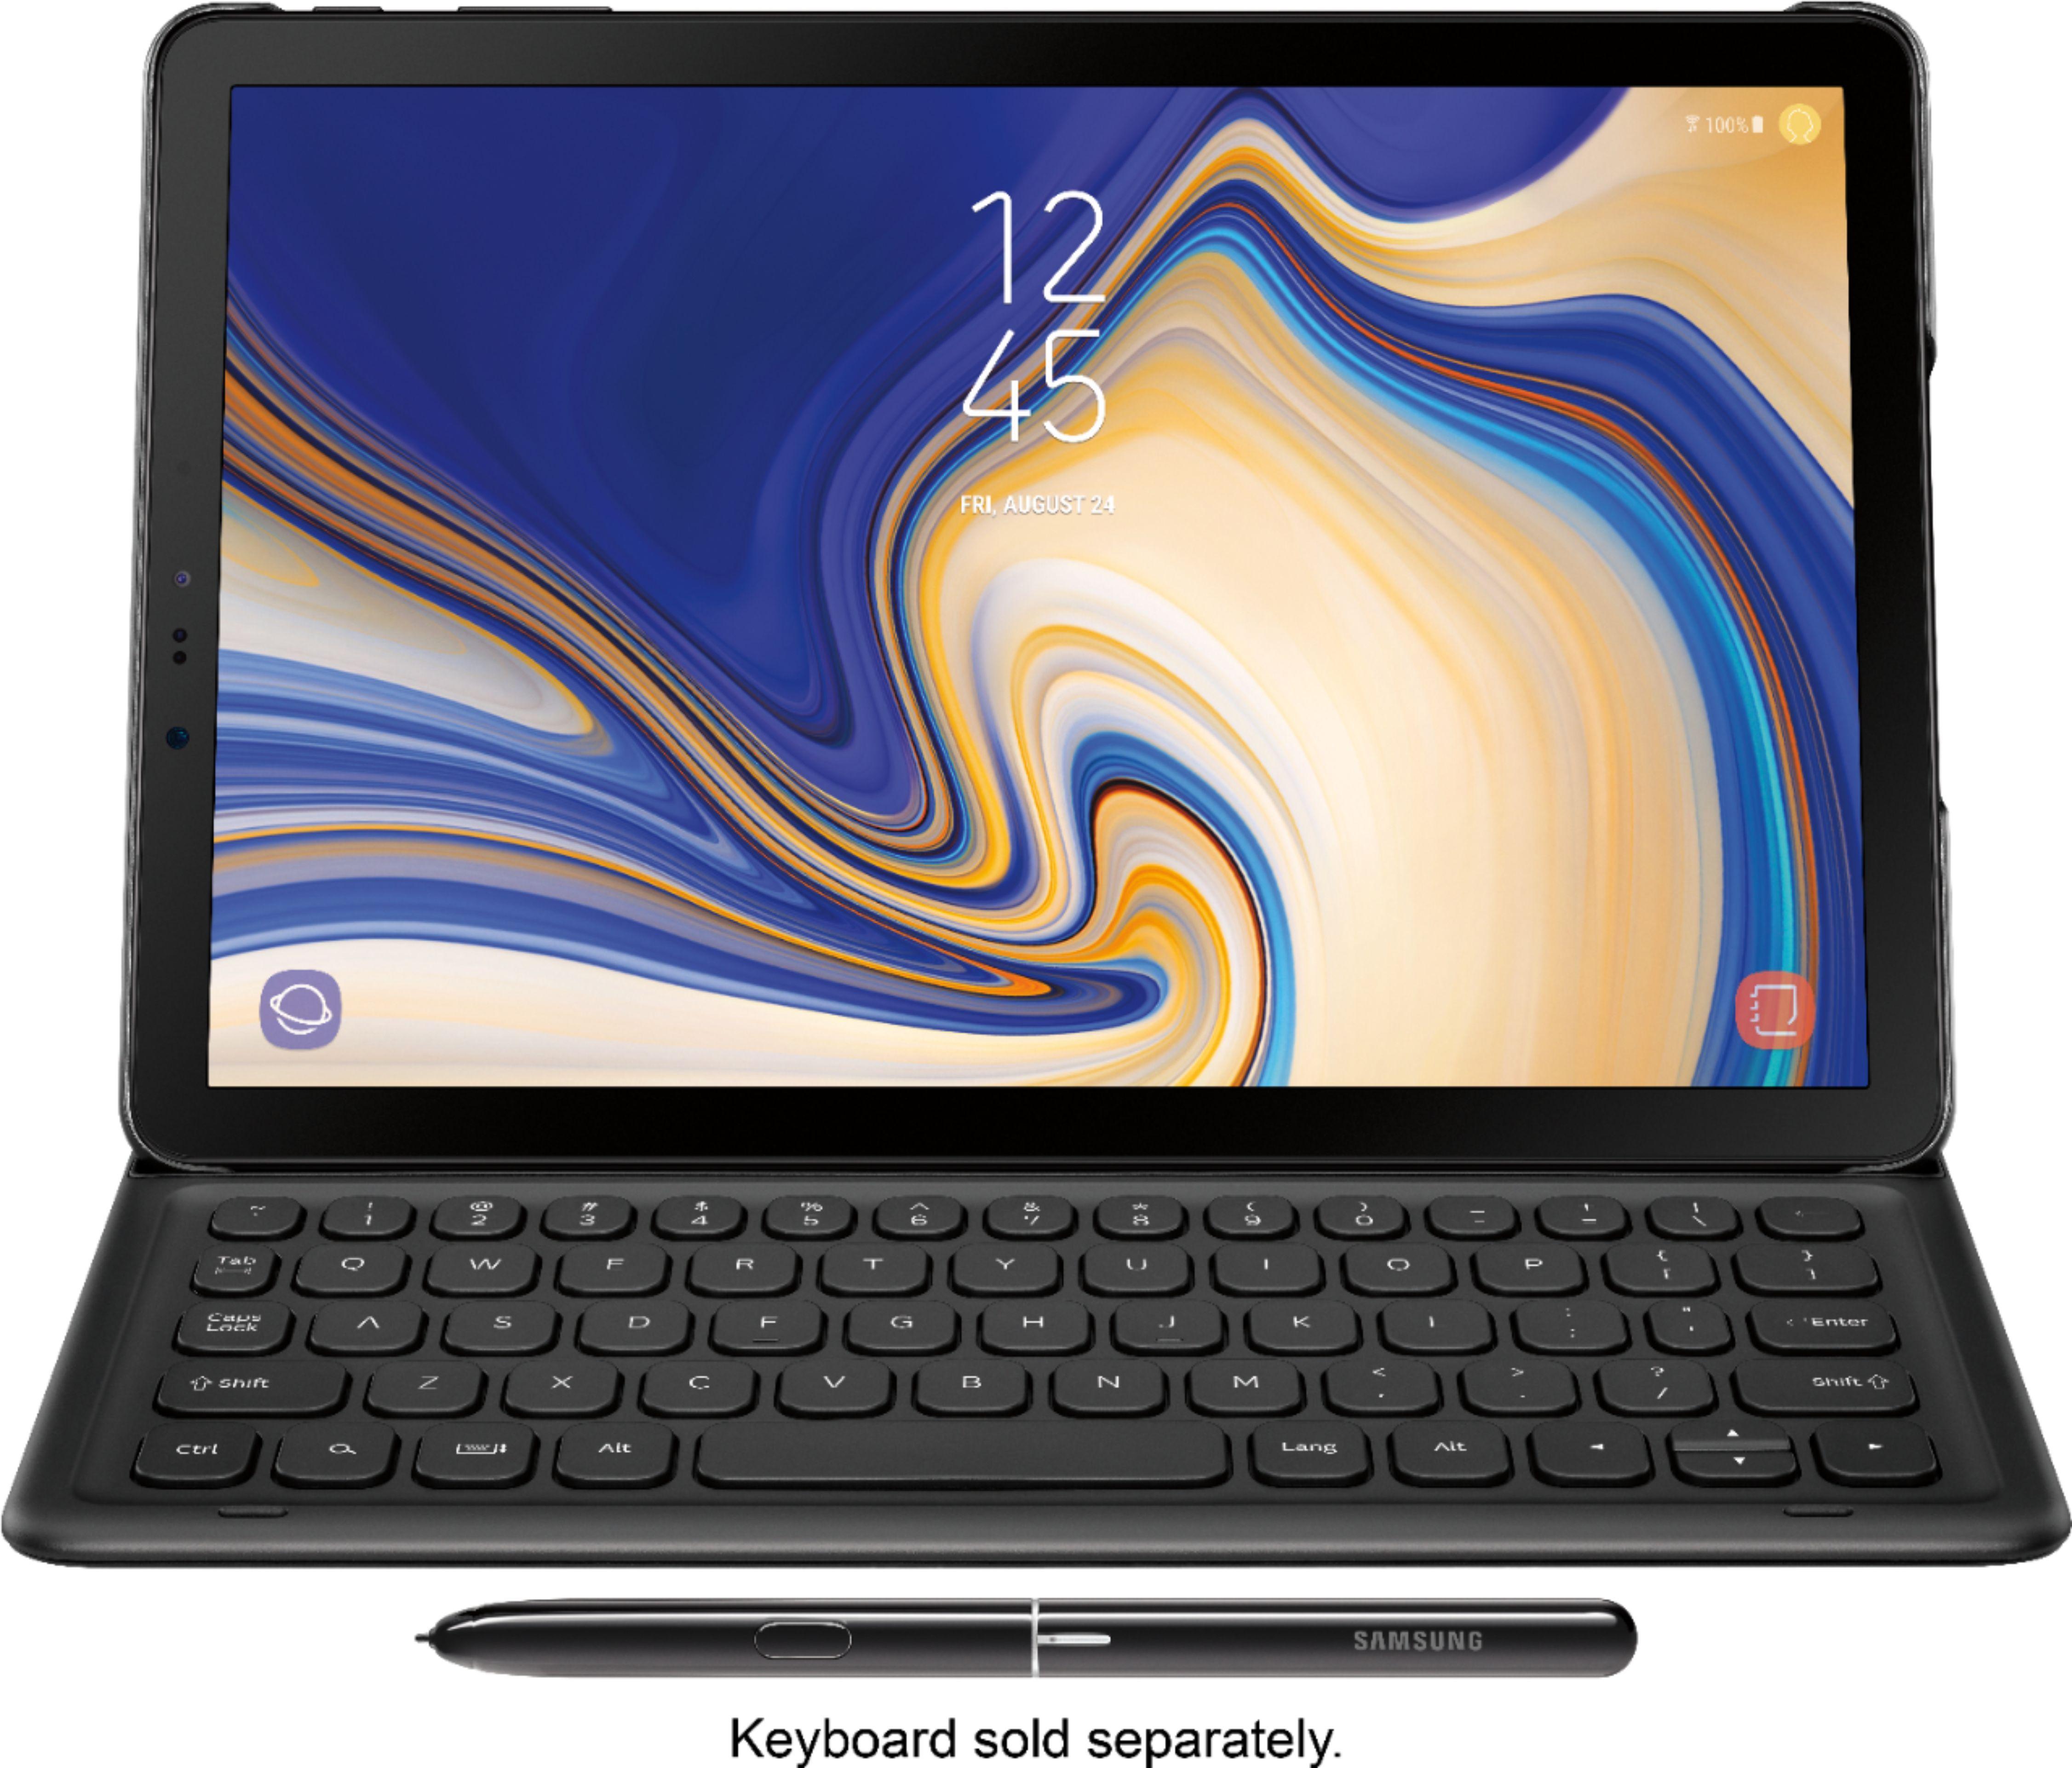 Samsung Galaxy Tab S4 10.5 64GB WiFi + 4G LTE